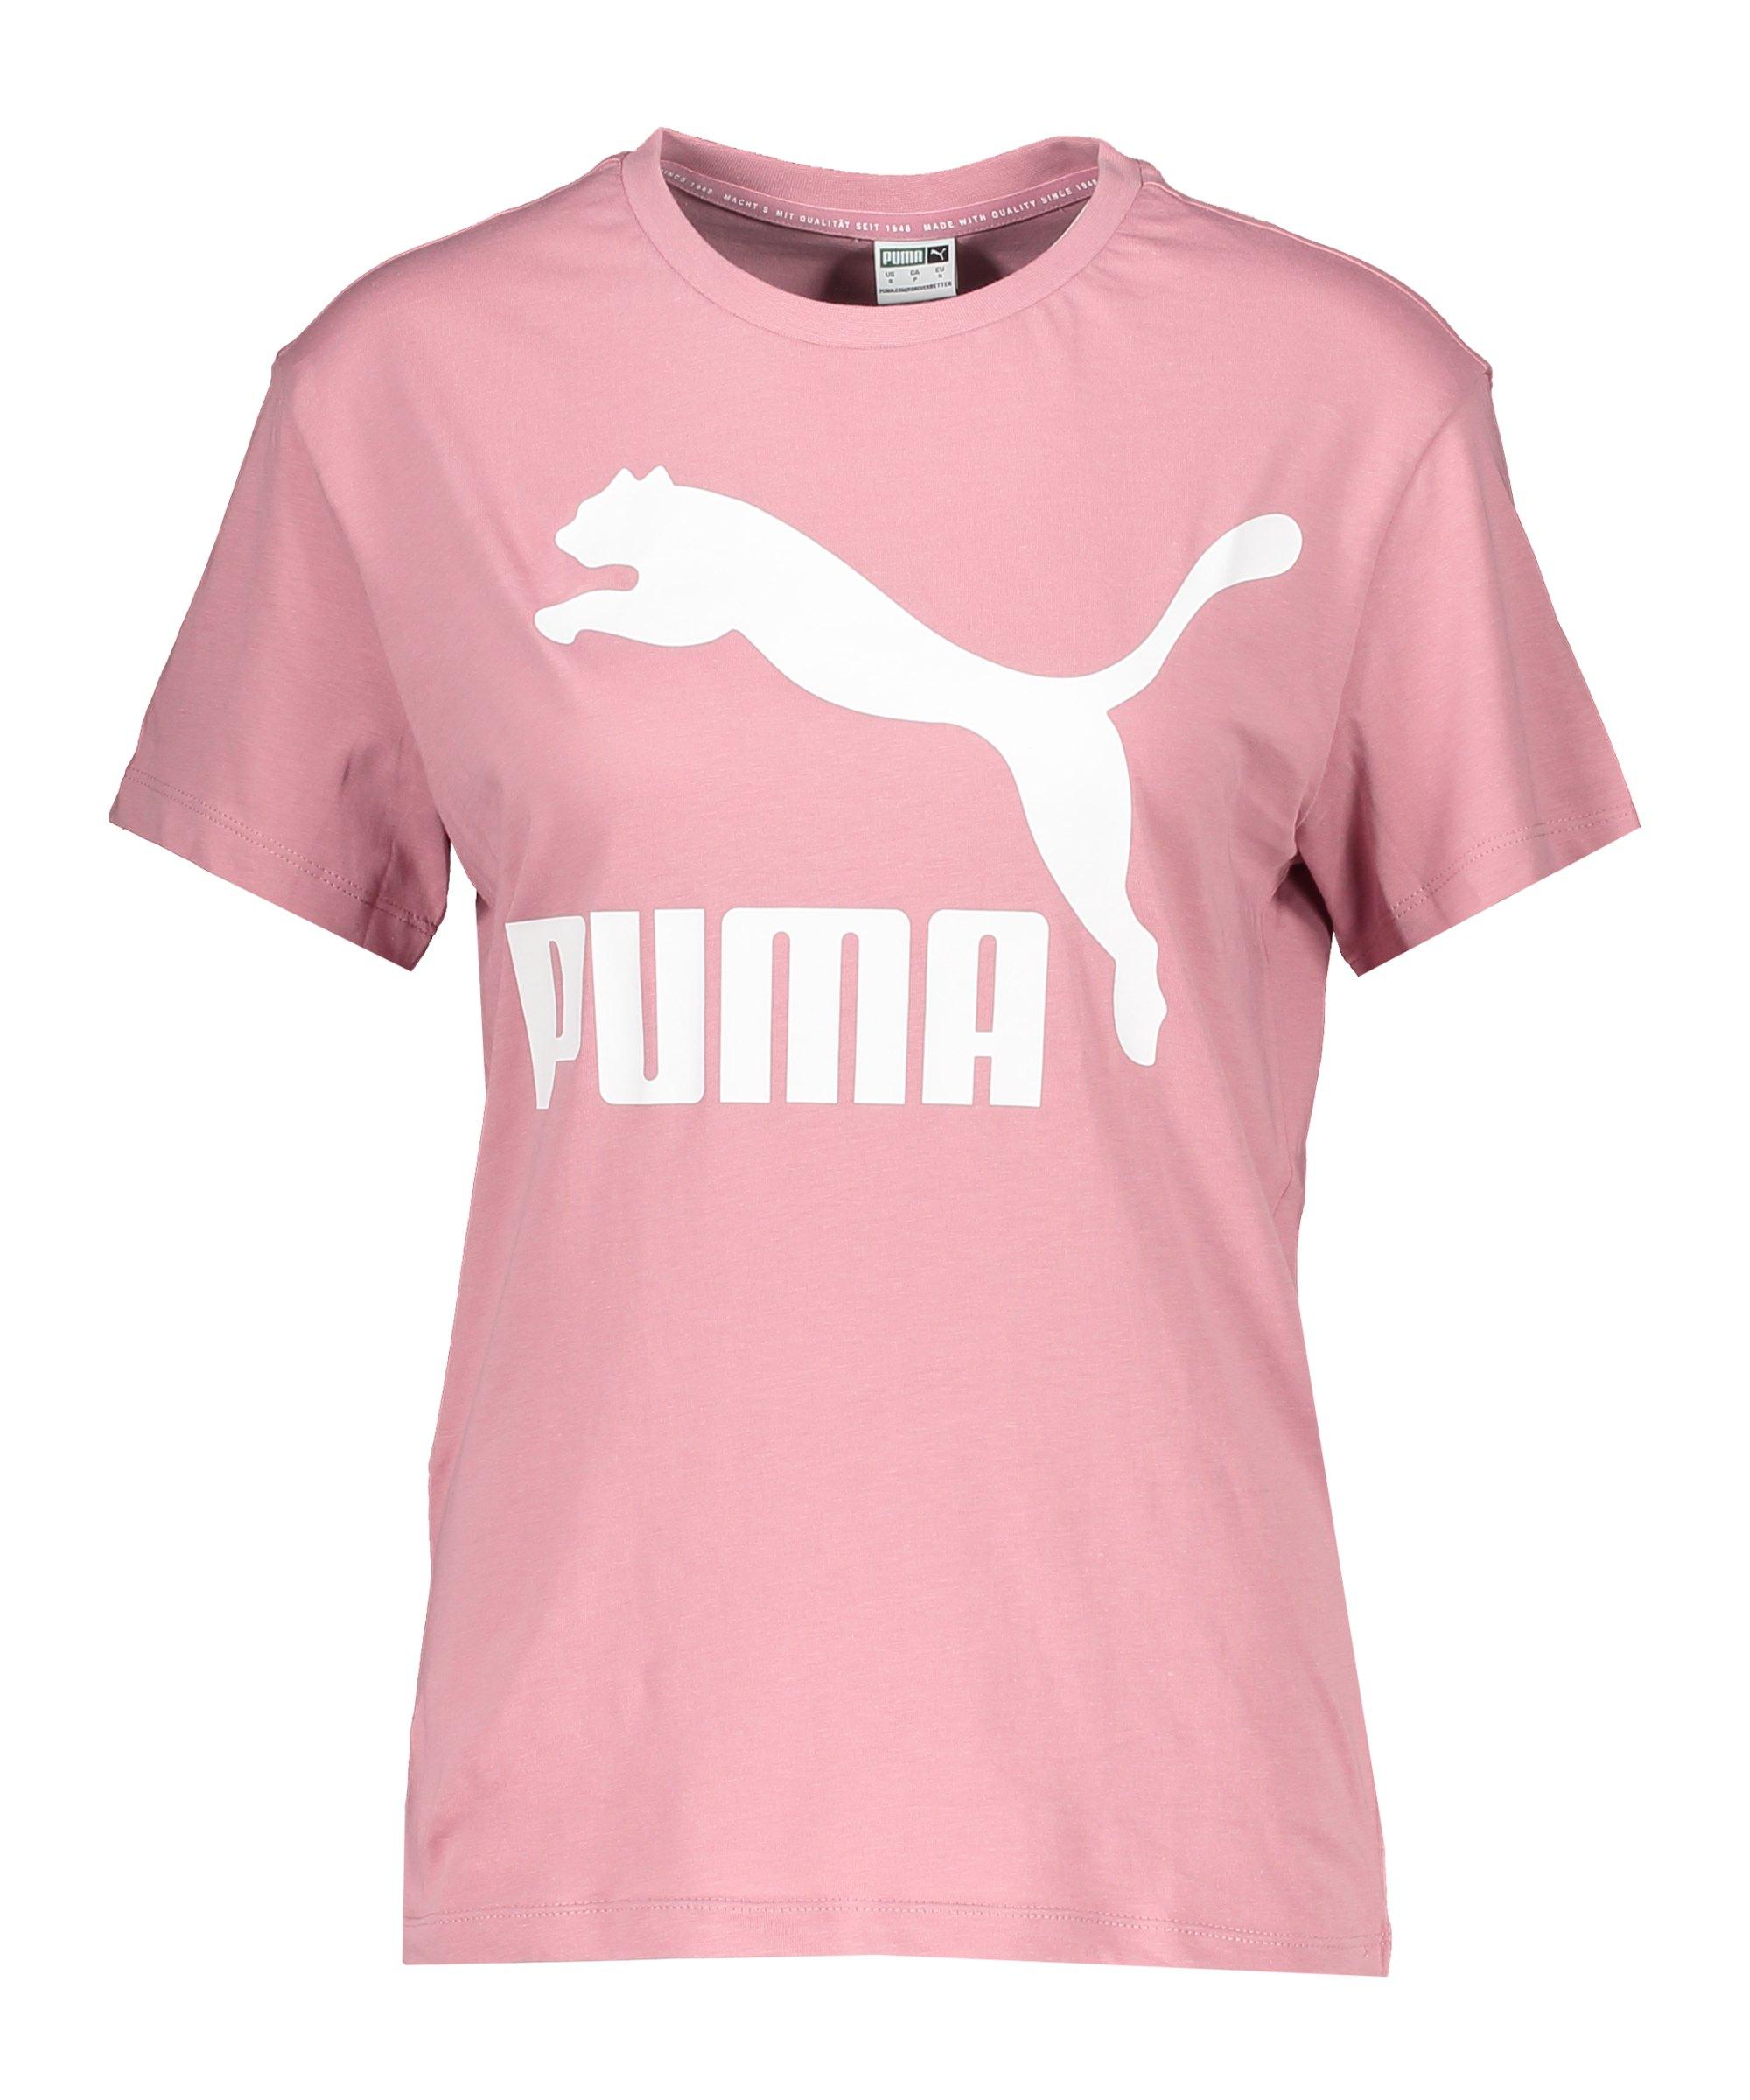 PUMA Classic T-Shirt Damen Rosa F16 - rosa